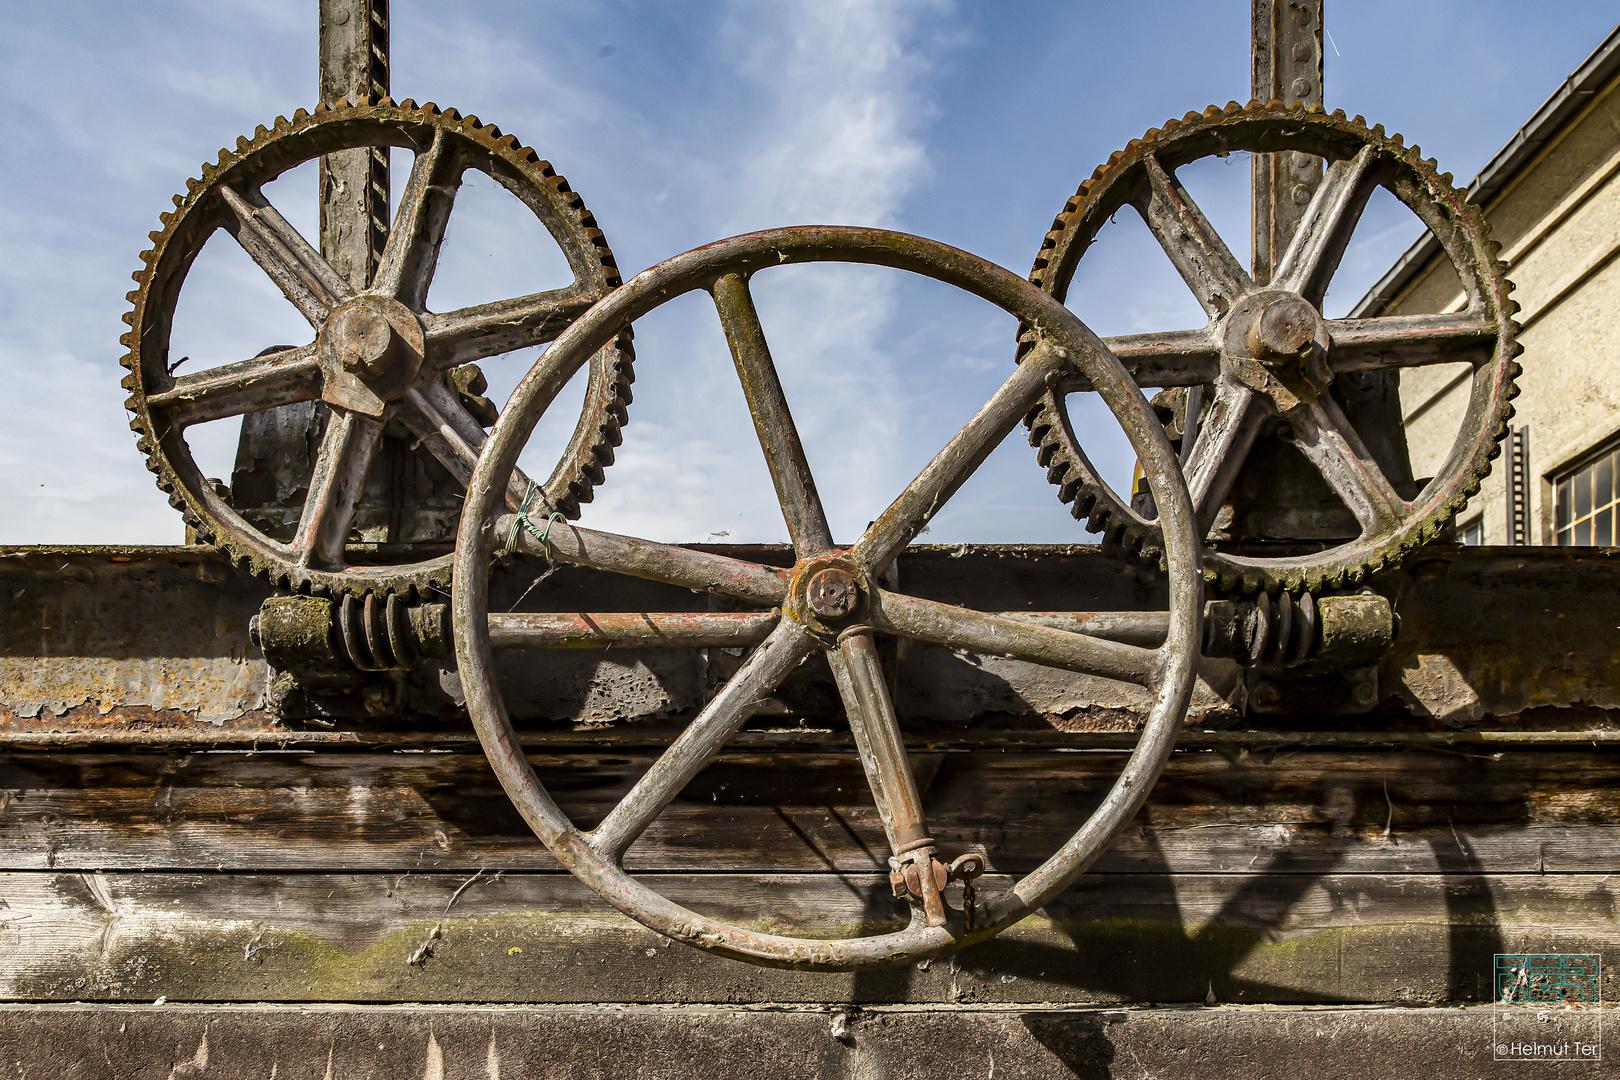 Wer möchte nicht gern mal am großen Rad drehen?